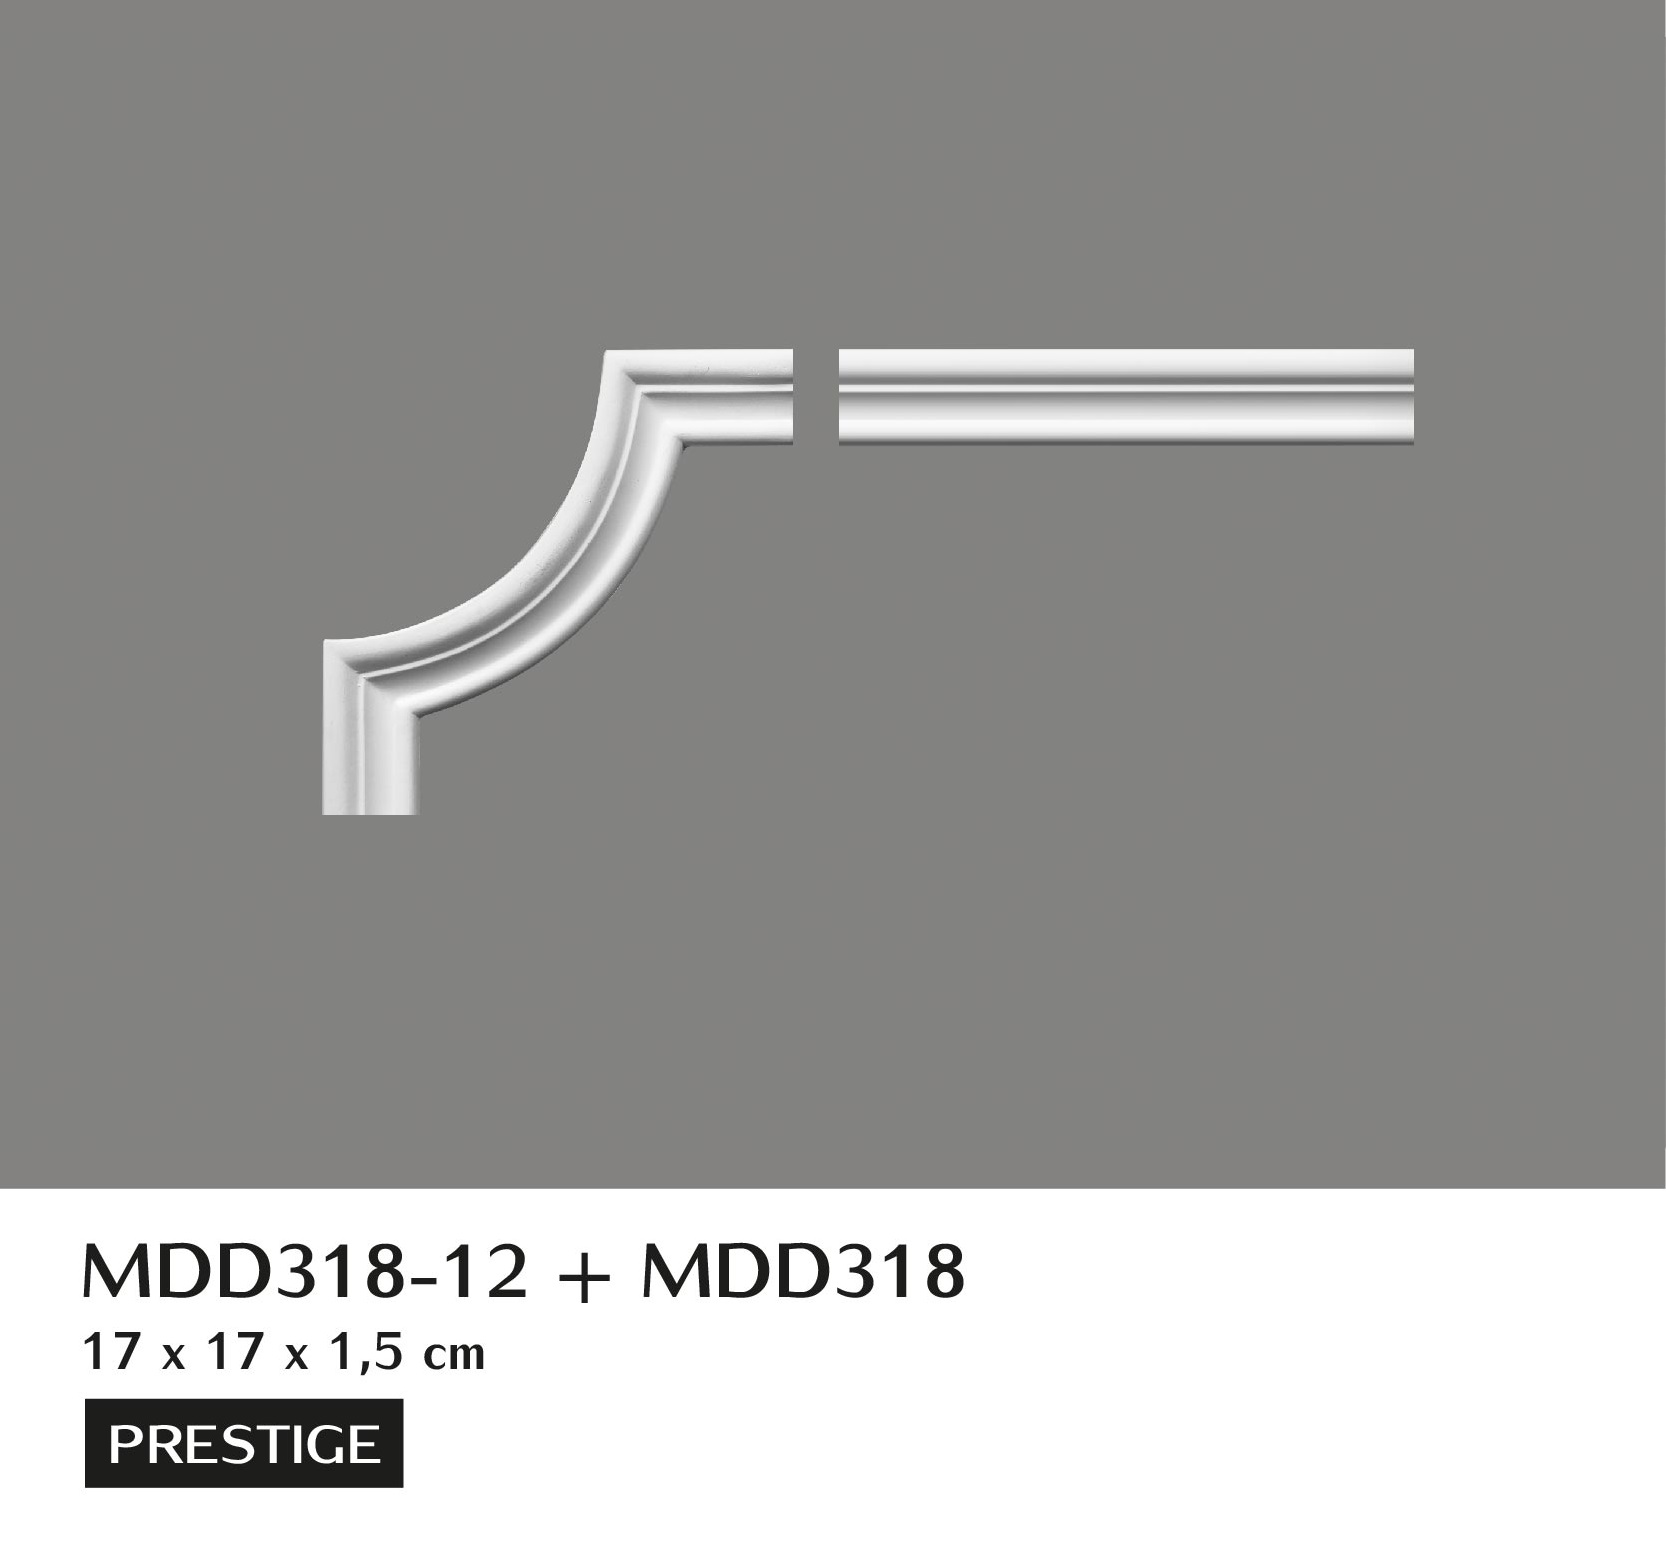 Mdd318 12